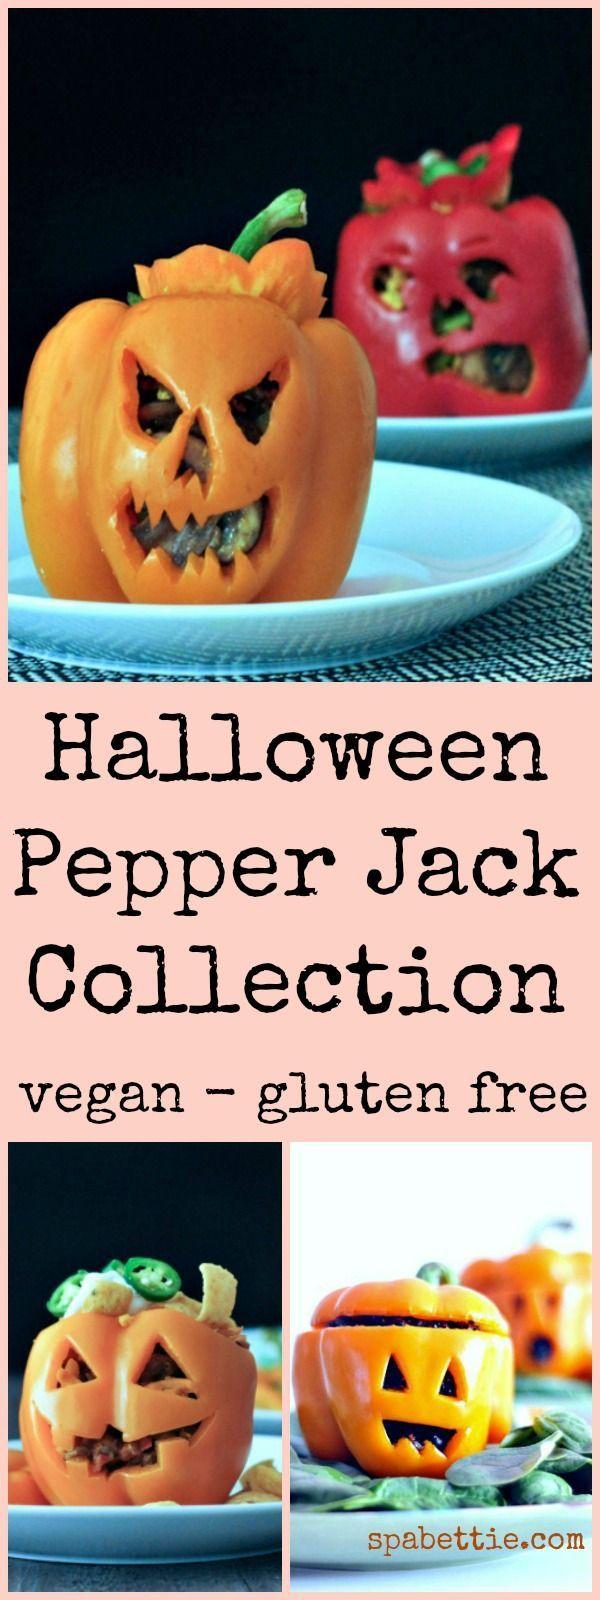 Halloween Pepper Jack Collection @spabettie #vegan #glutenfree